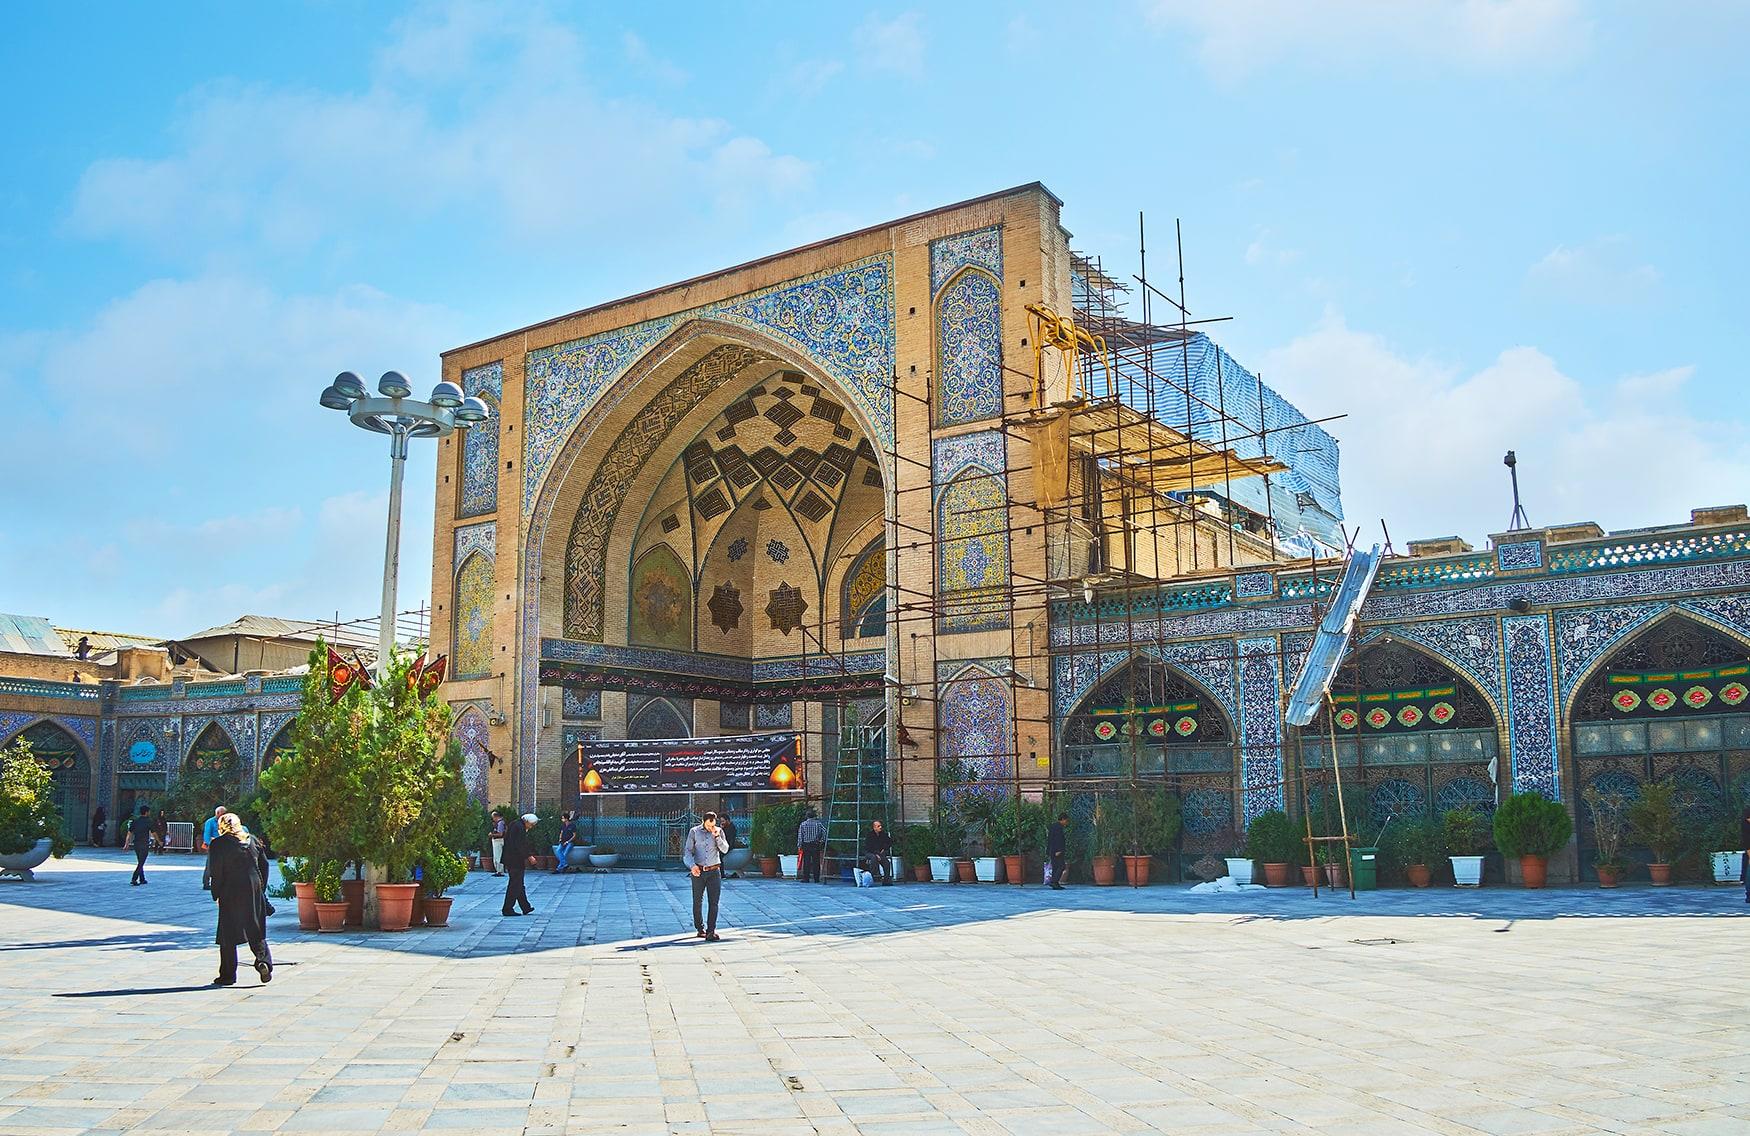 Moschee in teheran, Iran